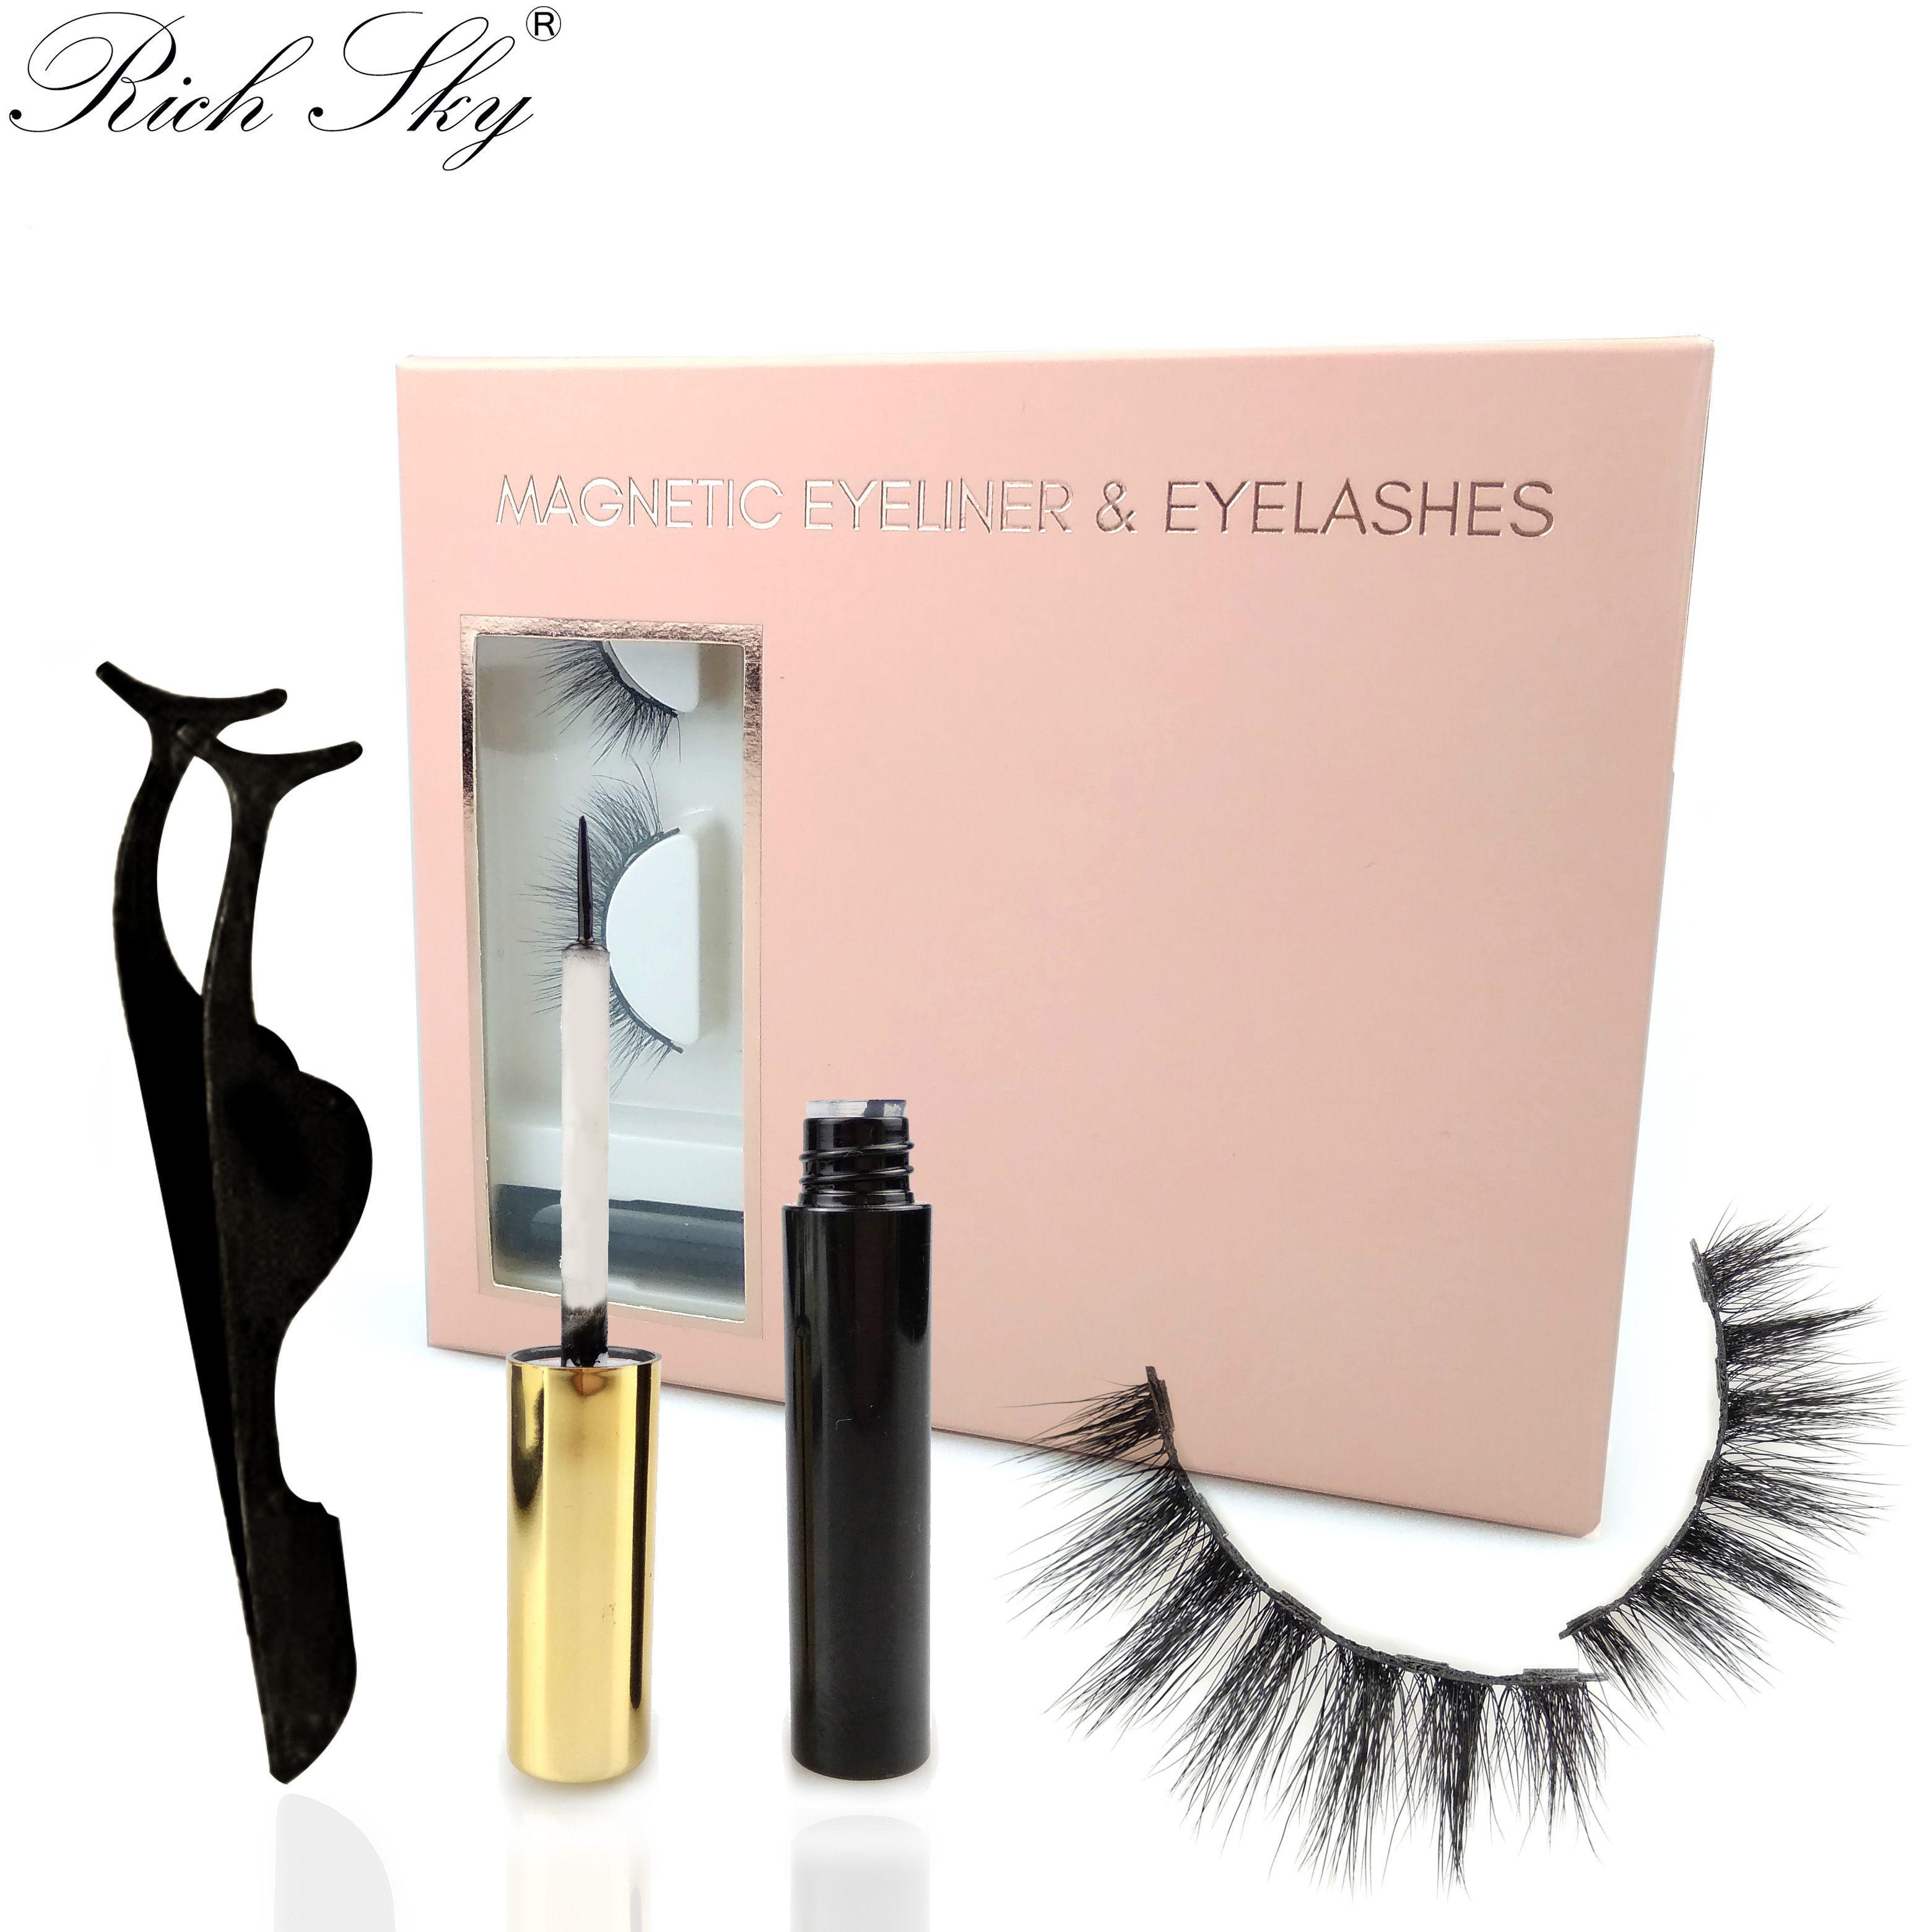 9D Magnetic Eyelashes with Tweezers & Magic Eyeliner Set